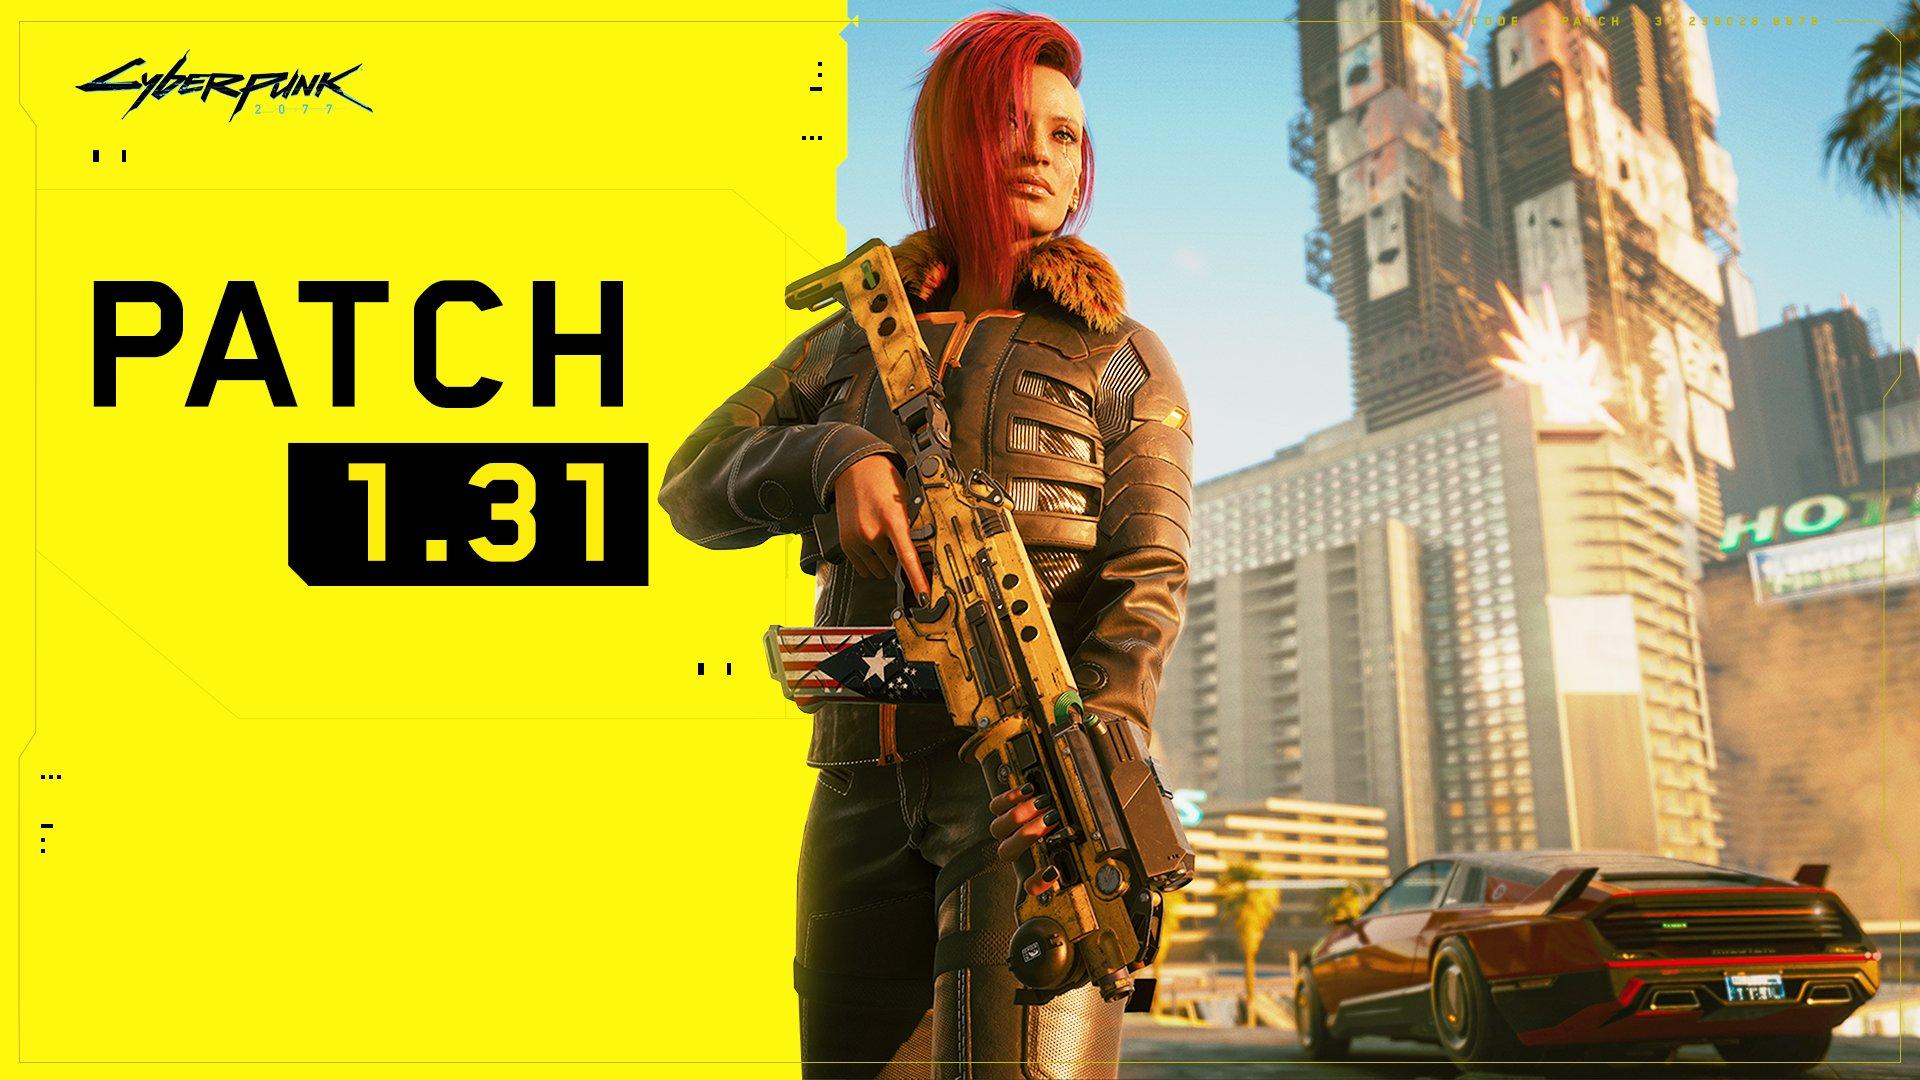 Cyberpunk 2077 : Le patch 1.31 disponible, tous les changements listés